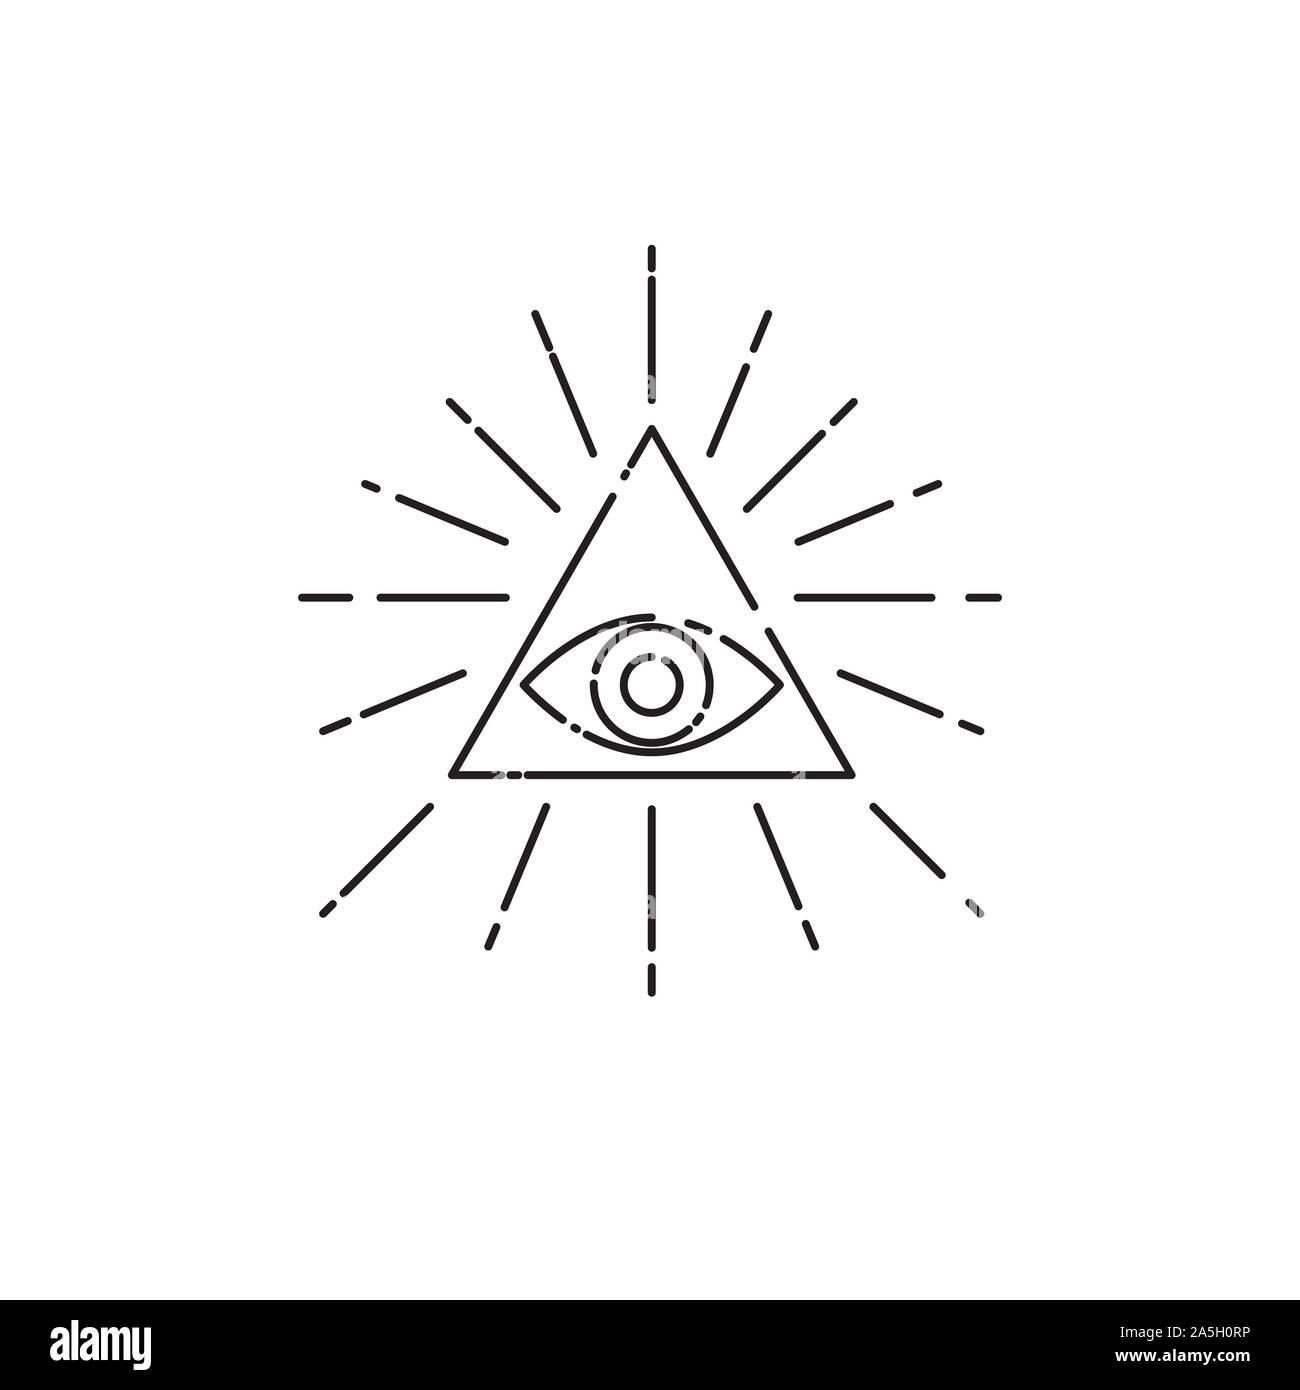 Dreieck auge tattoo bedeutung